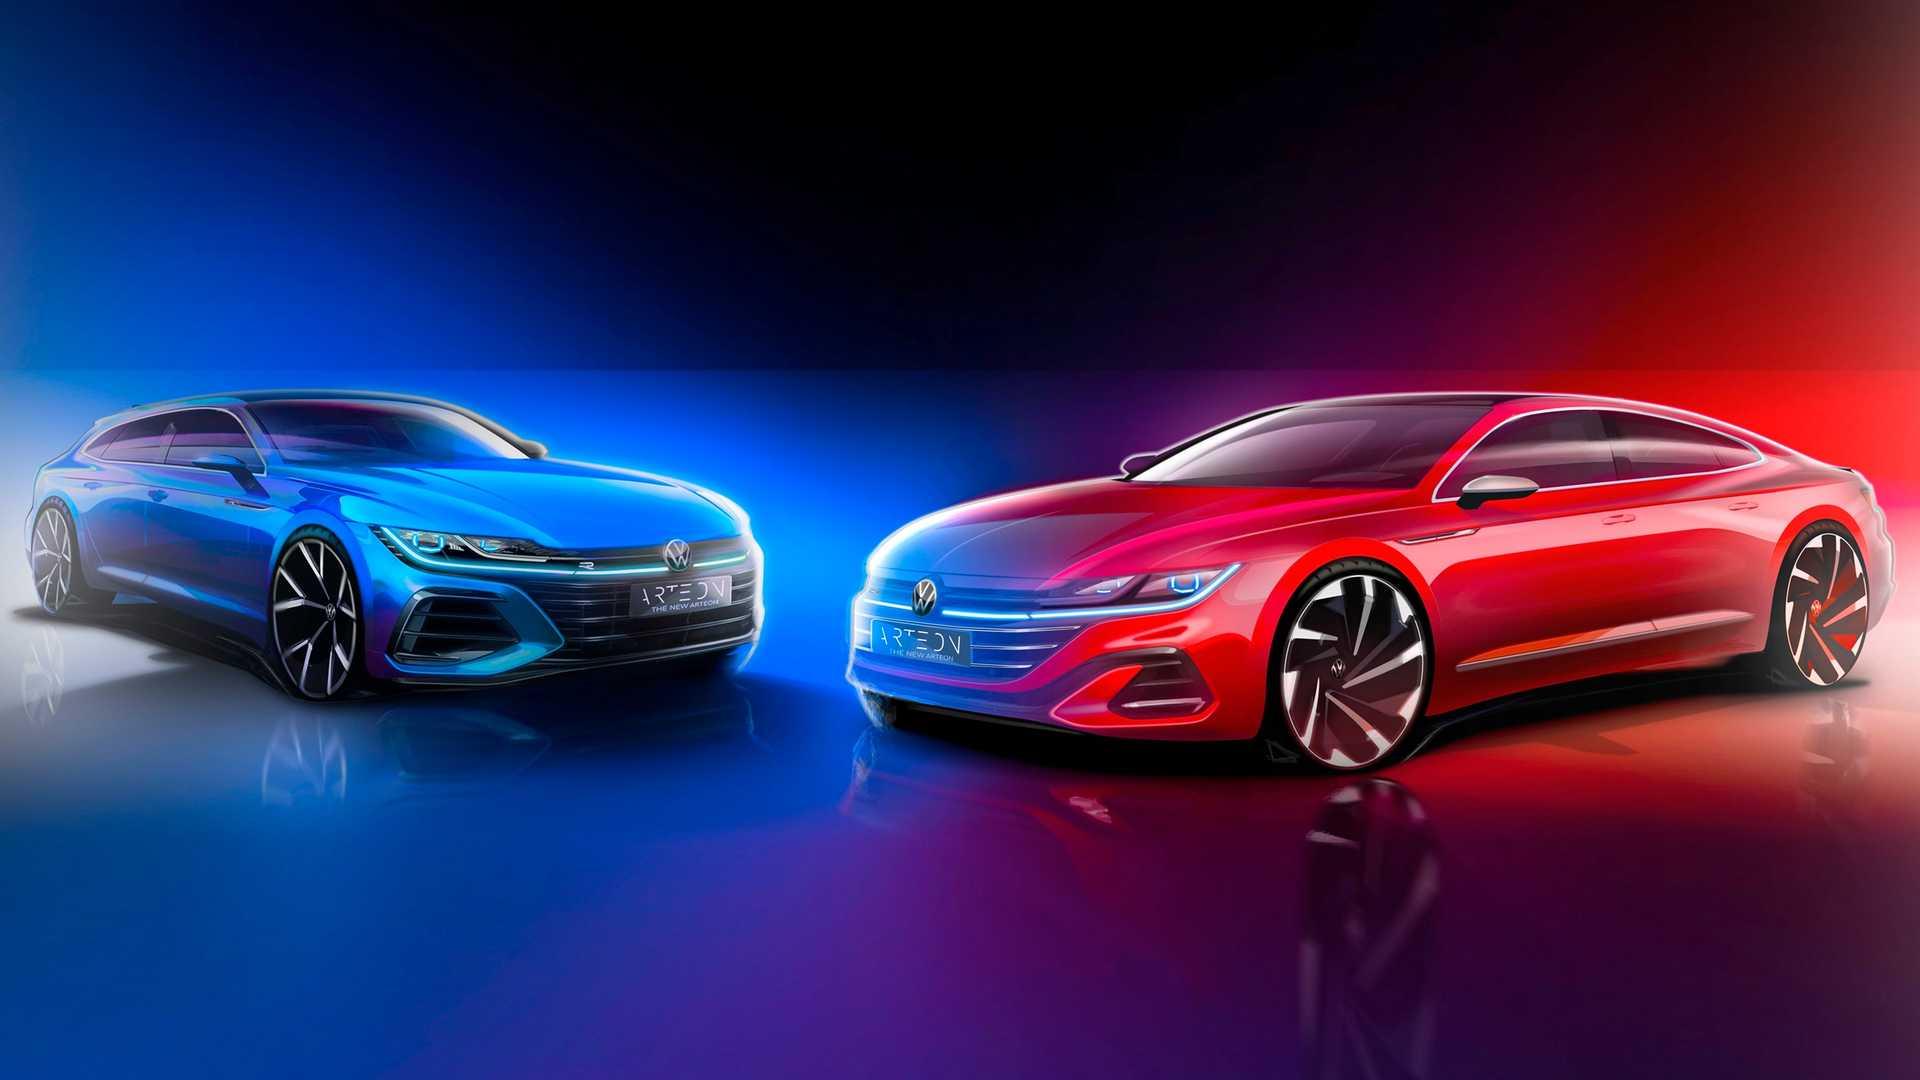 Nowy Volkswagen Arteon (2021) - teaser